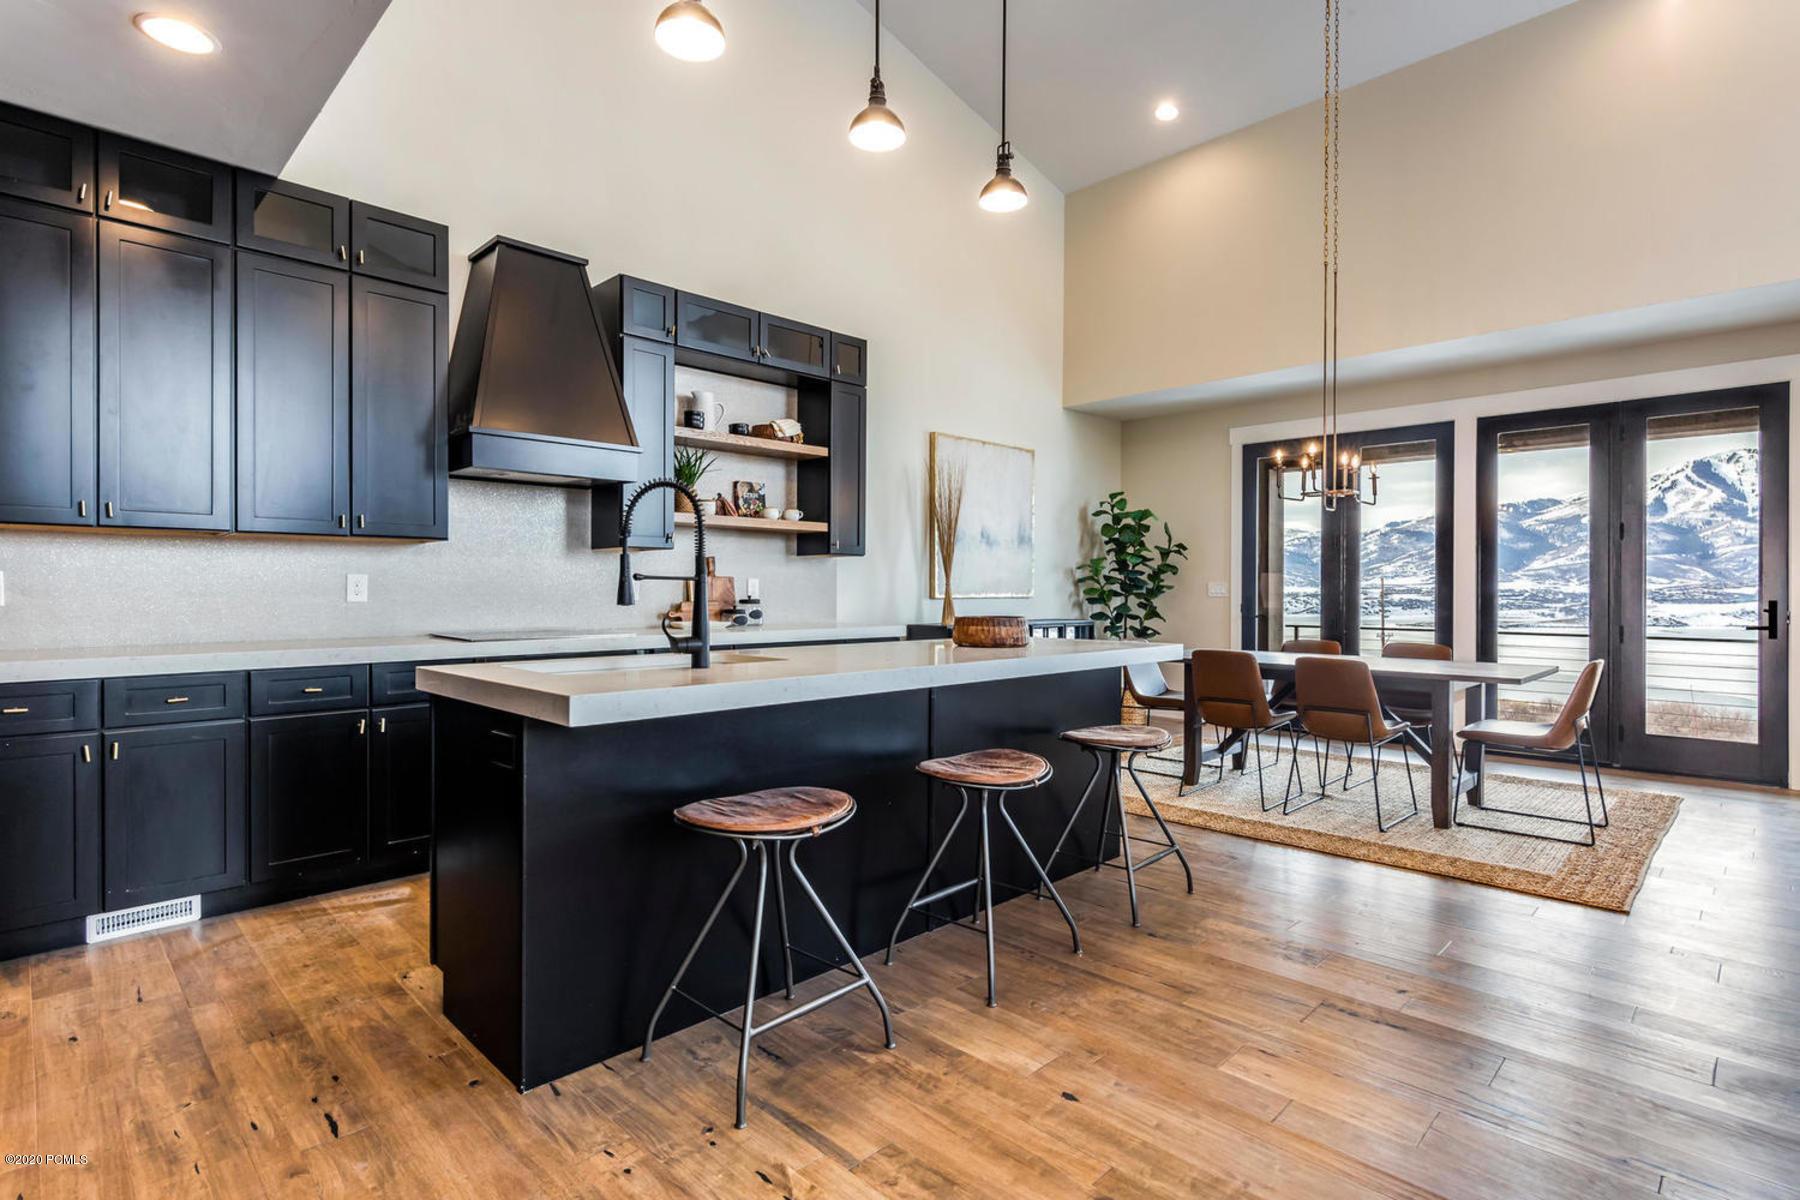 381 Overlook Loop, Lot 19, Hideout, Utah 84036, 3 Bedrooms Bedrooms, ,4 BathroomsBathrooms,Condominium,For Sale,Overlook Loop, Lot 19,12002862